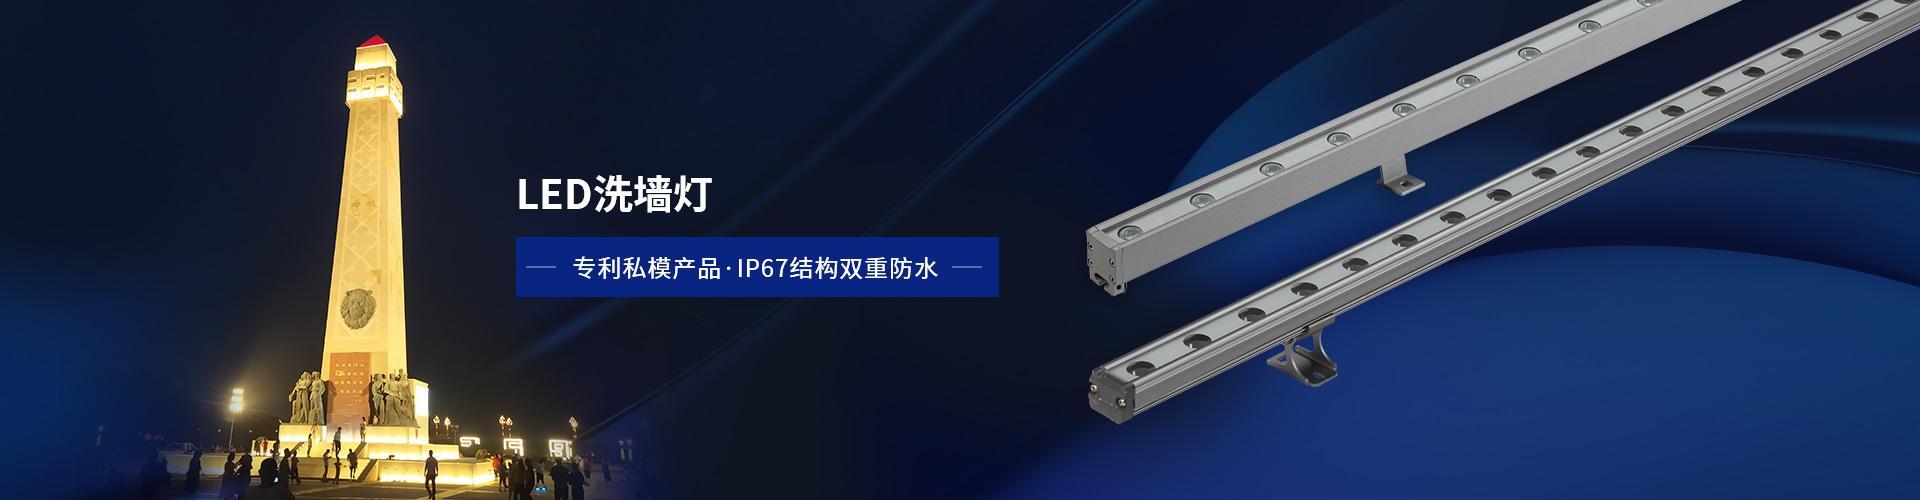 亮丽龙LED洗墙灯 专利私模产品,透光率高无光斑,混光均匀,无缝对接,IP67结构双重防水